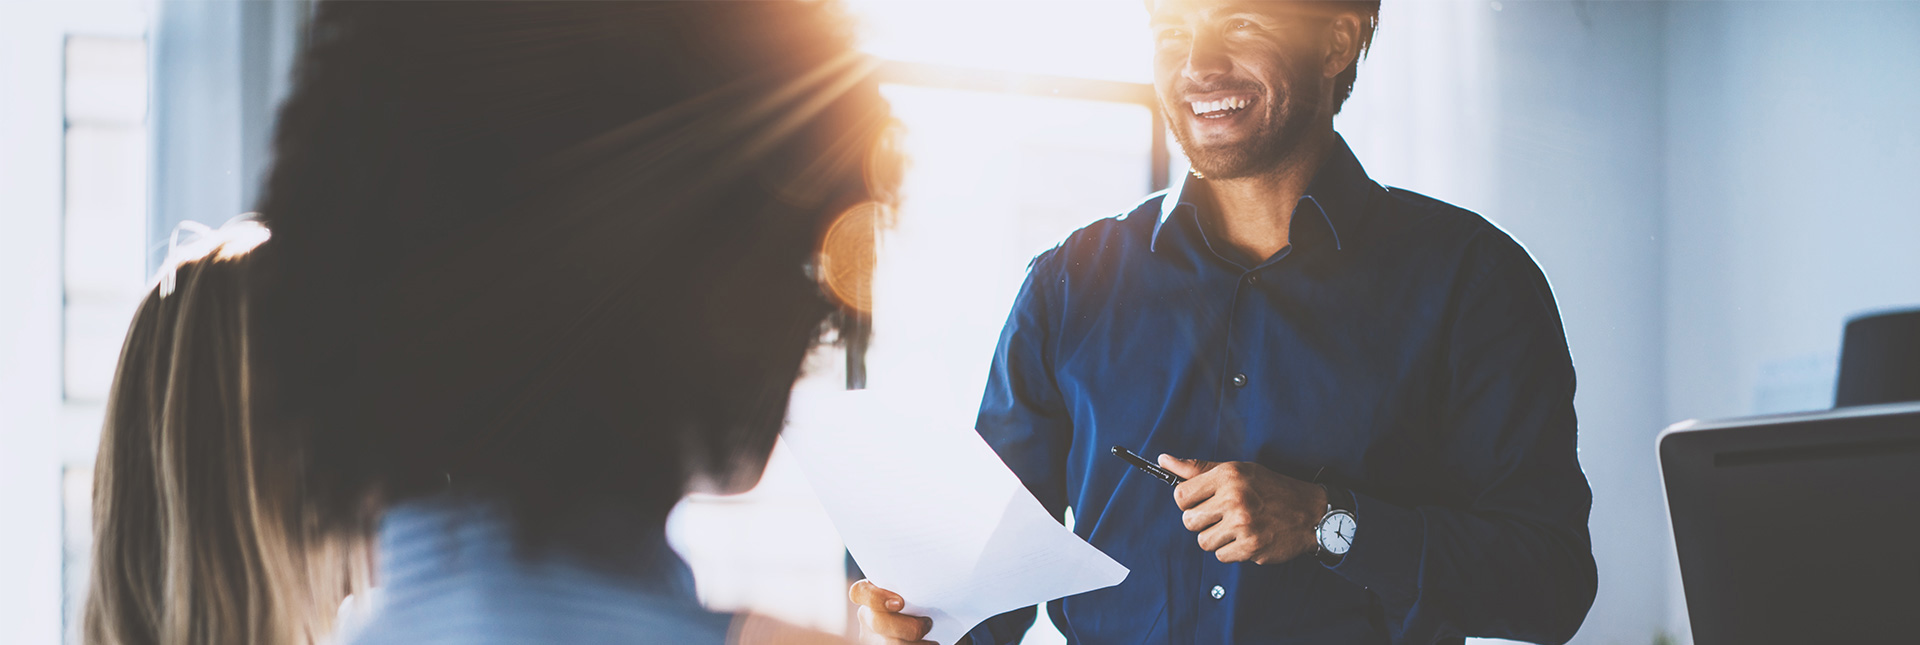 SEO Insigni SEO Insigni 100% 10 El coaching puede ayudar al liderazgo | Insigni.cl Se ha habilitado la compatibilidad con lectores de pantalla. El coaching puede ayudar al liderazgo | Insigni.cl